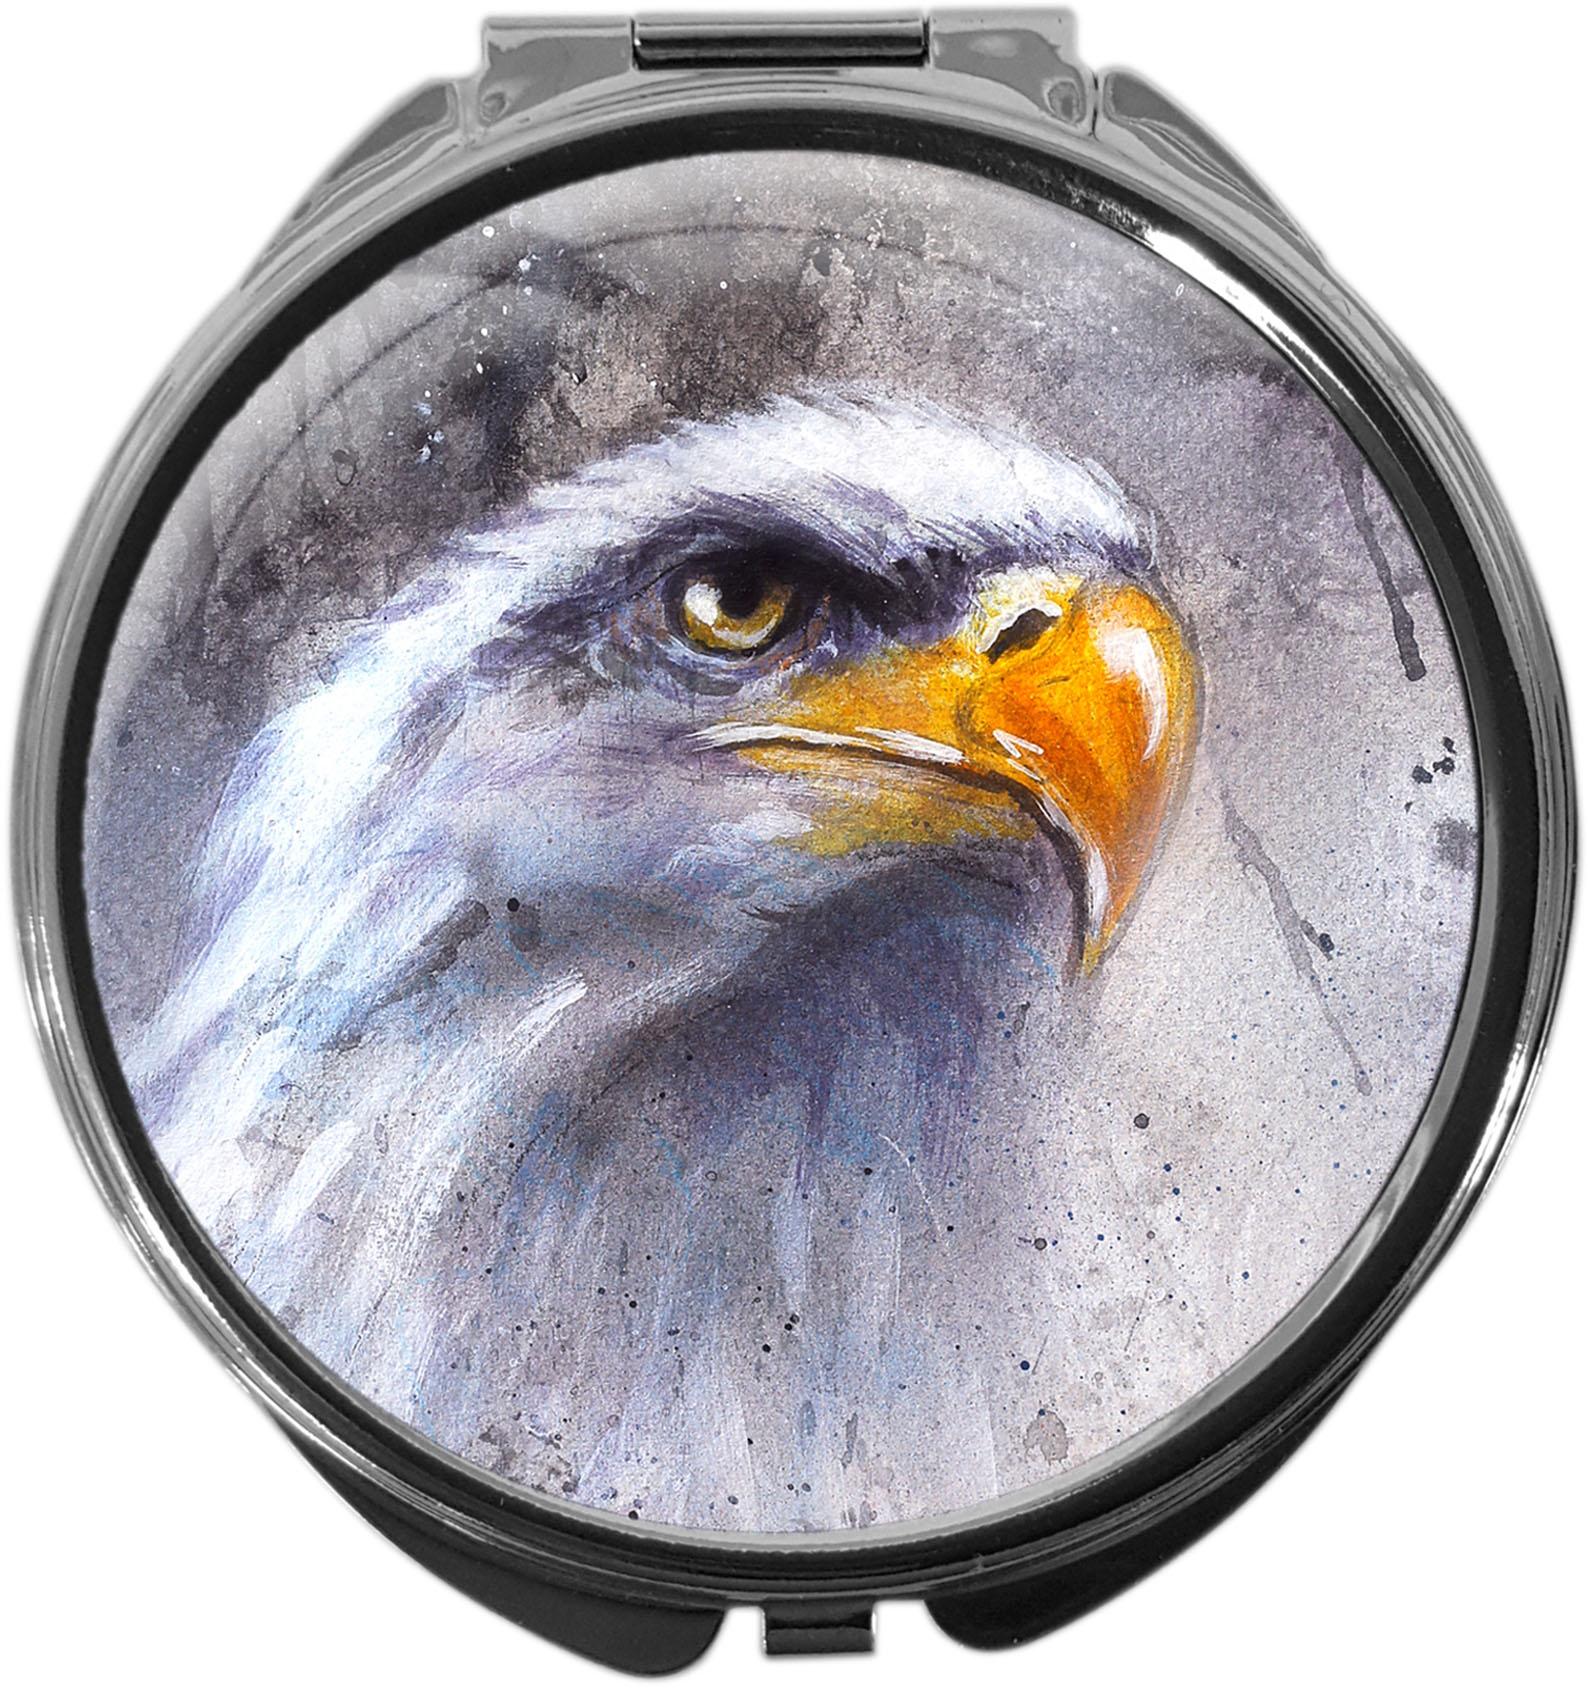 Pillendose / Adler / Weißkopfseeadler / Raubvogel